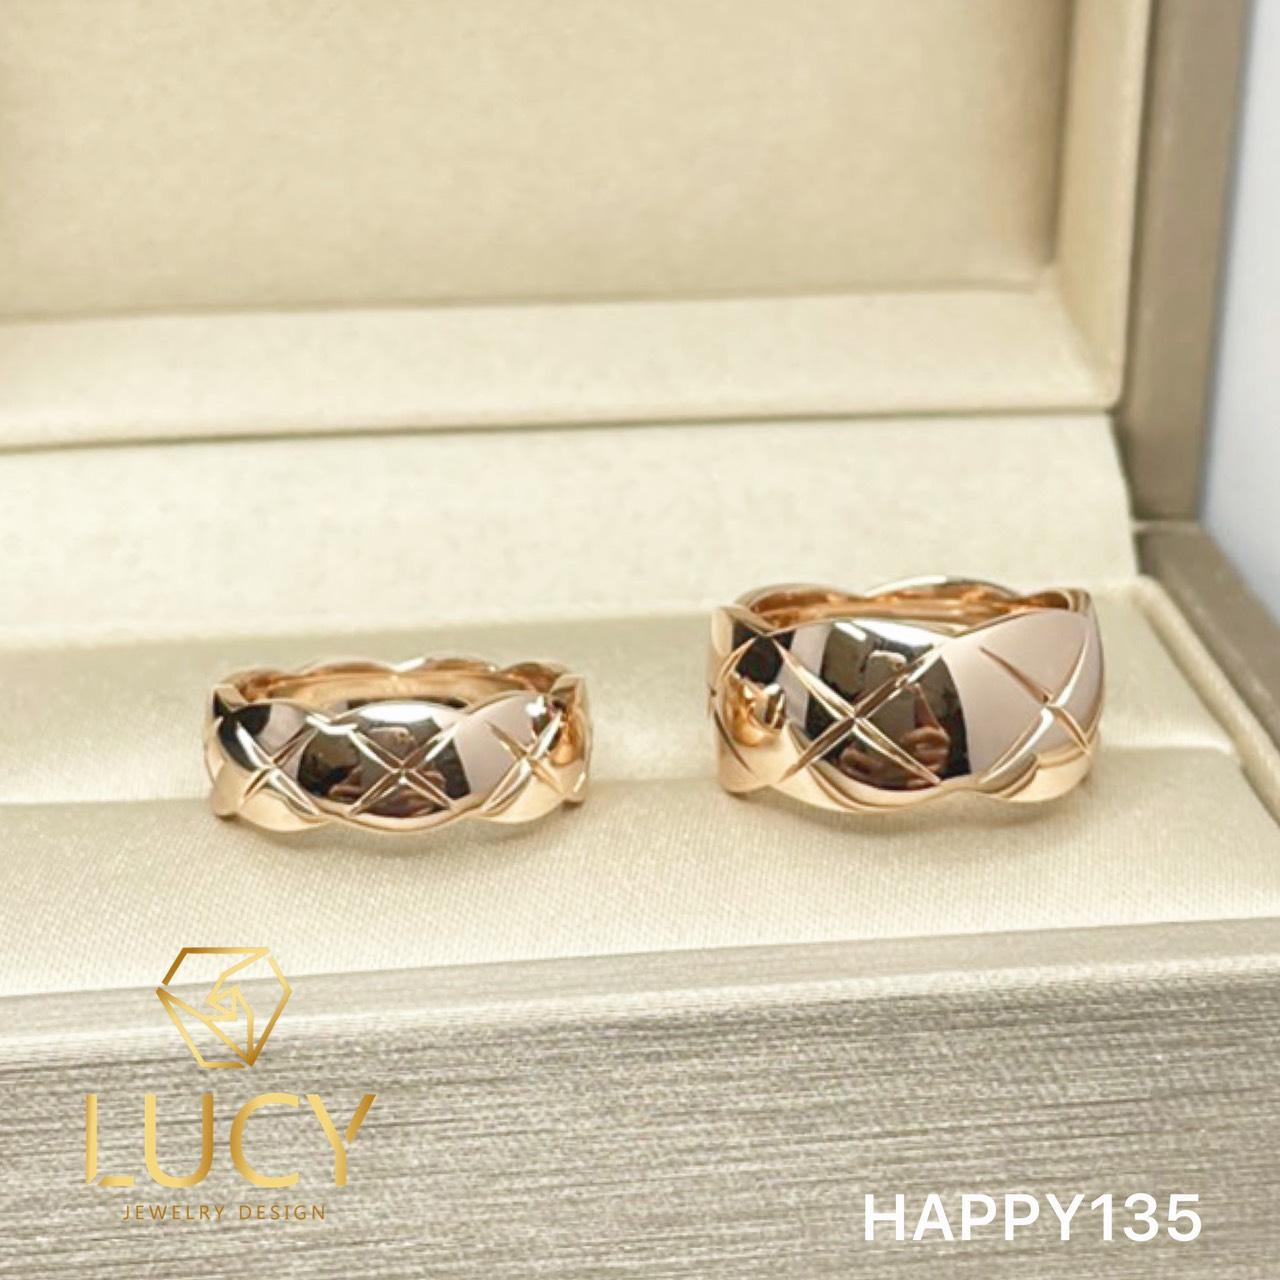 HAPP135 Nhẫn cưới Coco Crush vàng tây, vàng trắng, vàng hồng 10k 14k 18k, Bạch Kim Platinum PT900 đính CZ, Moissanite, Kim cương - Lucy Jewelry